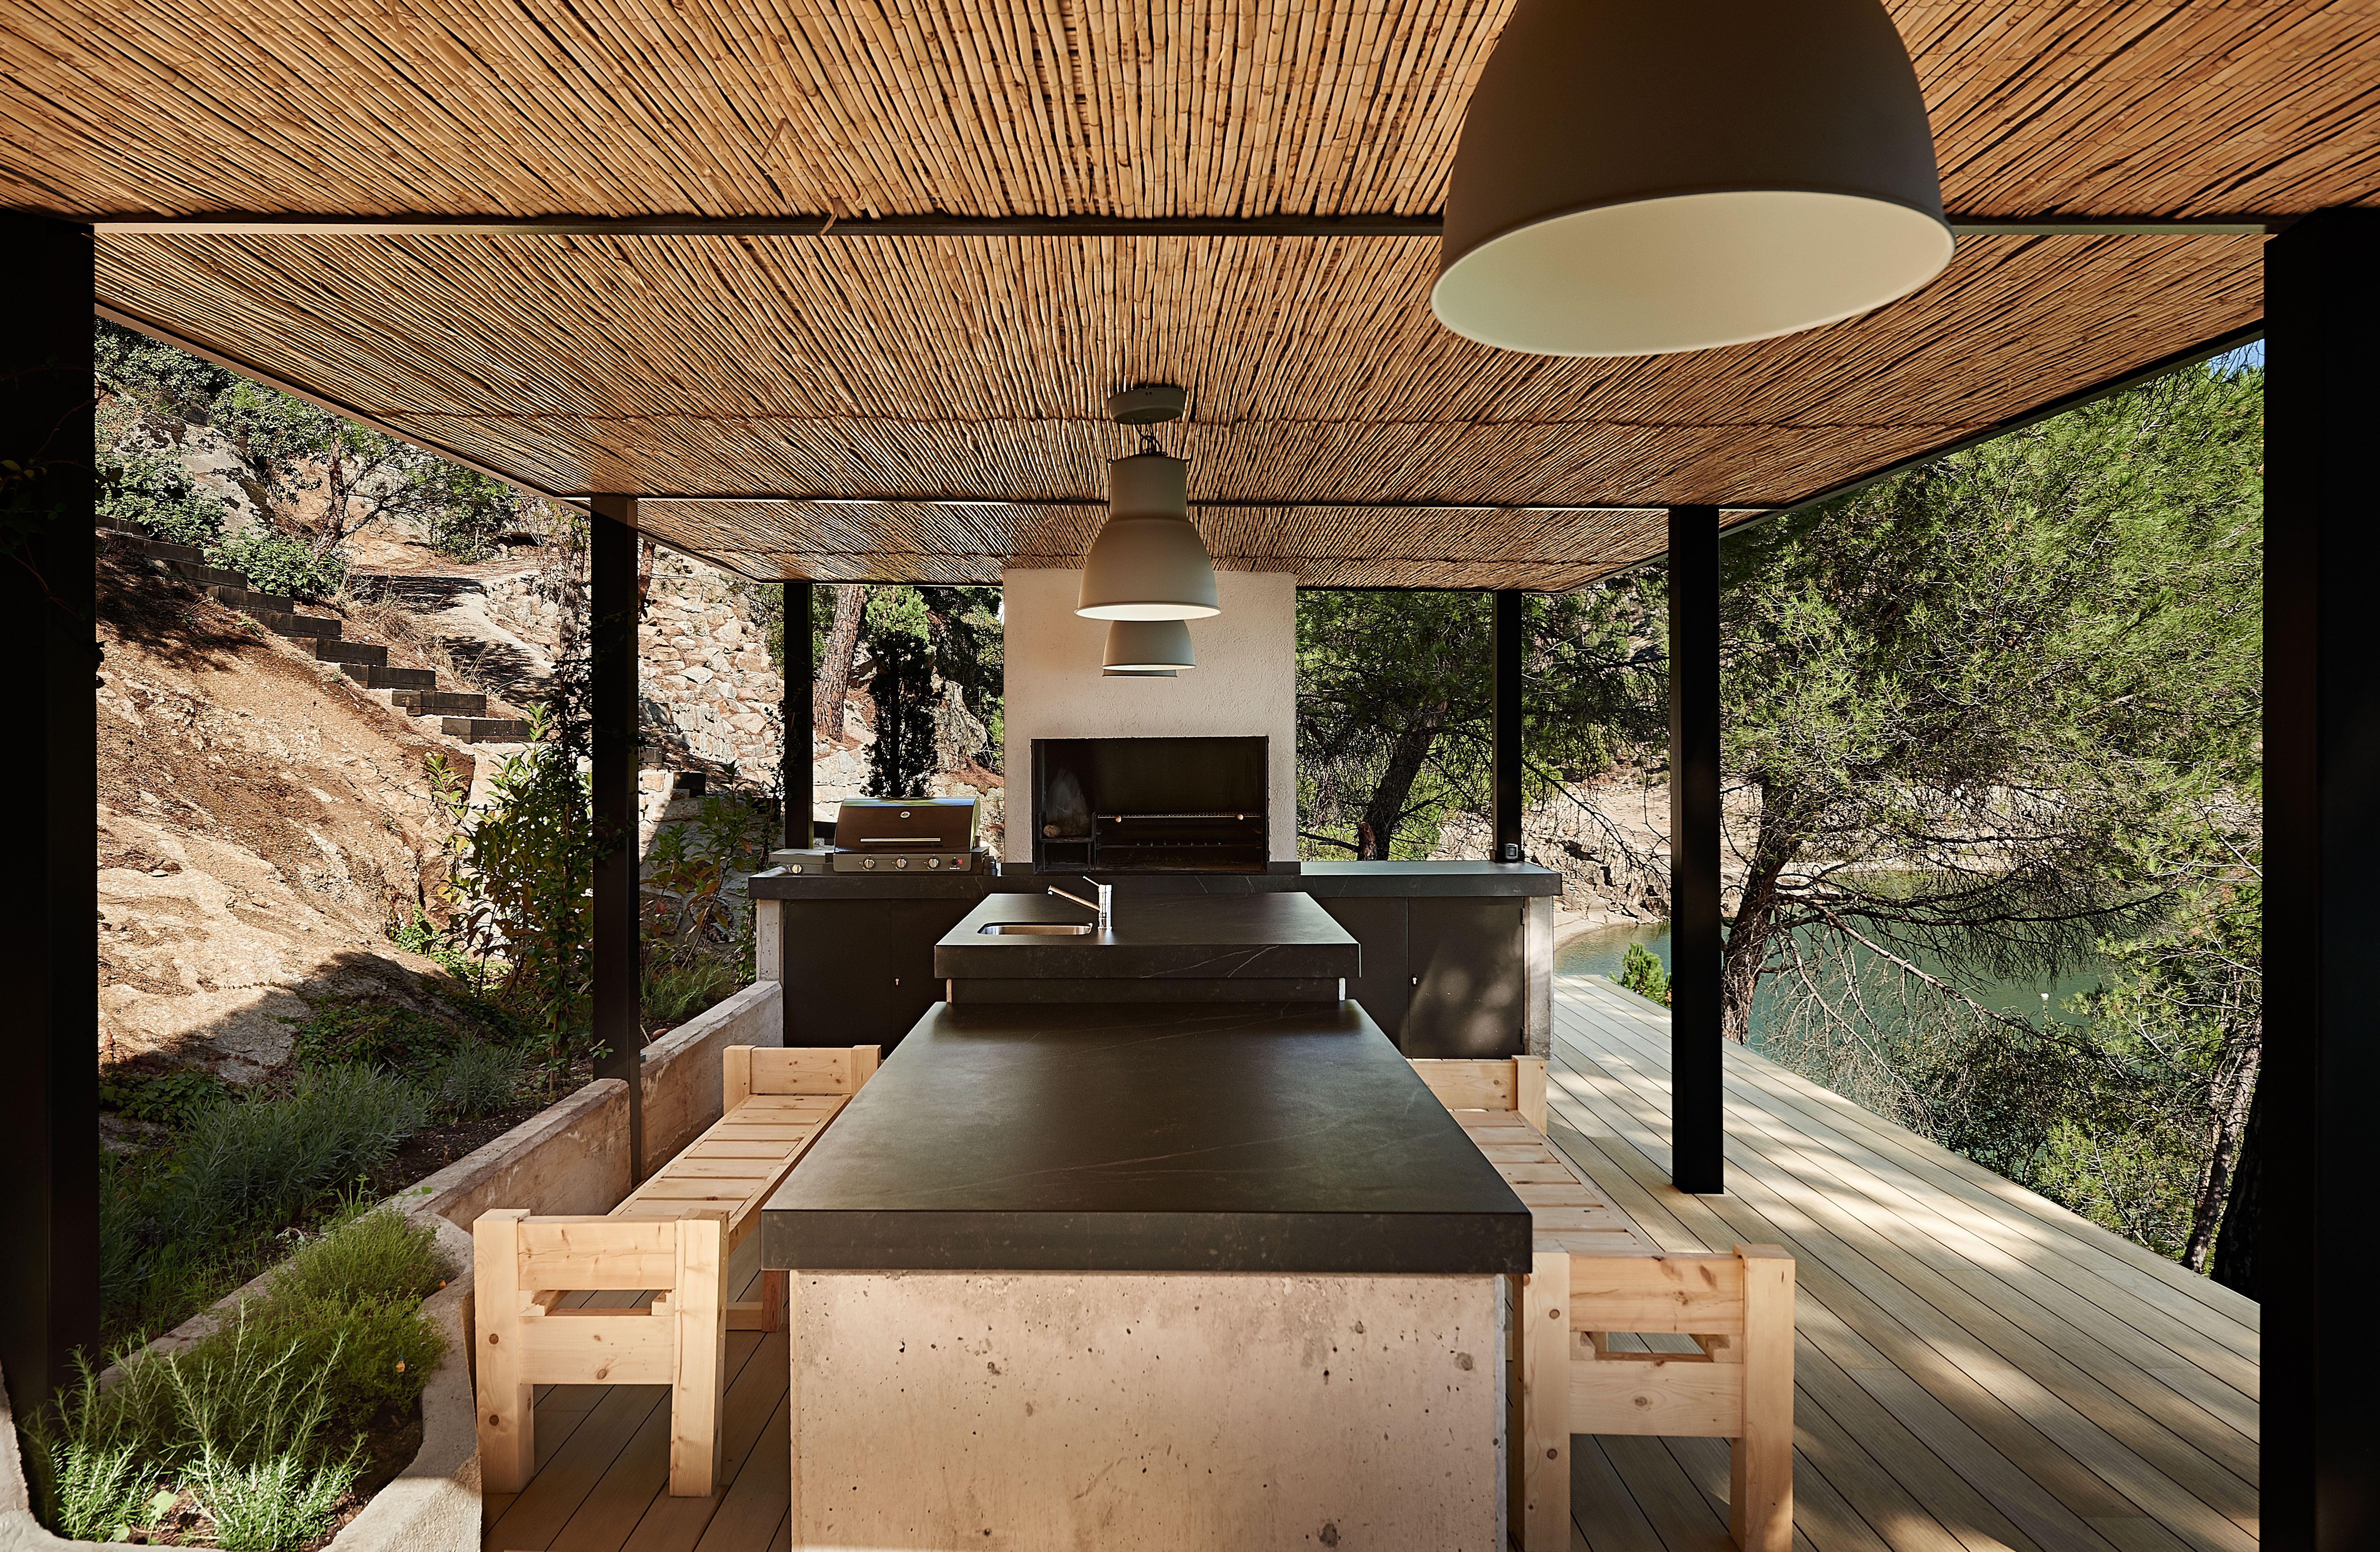 Outdoor Küche Linz : Die besten möglichkeiten outdoor küchen zu gestalten jetzt im